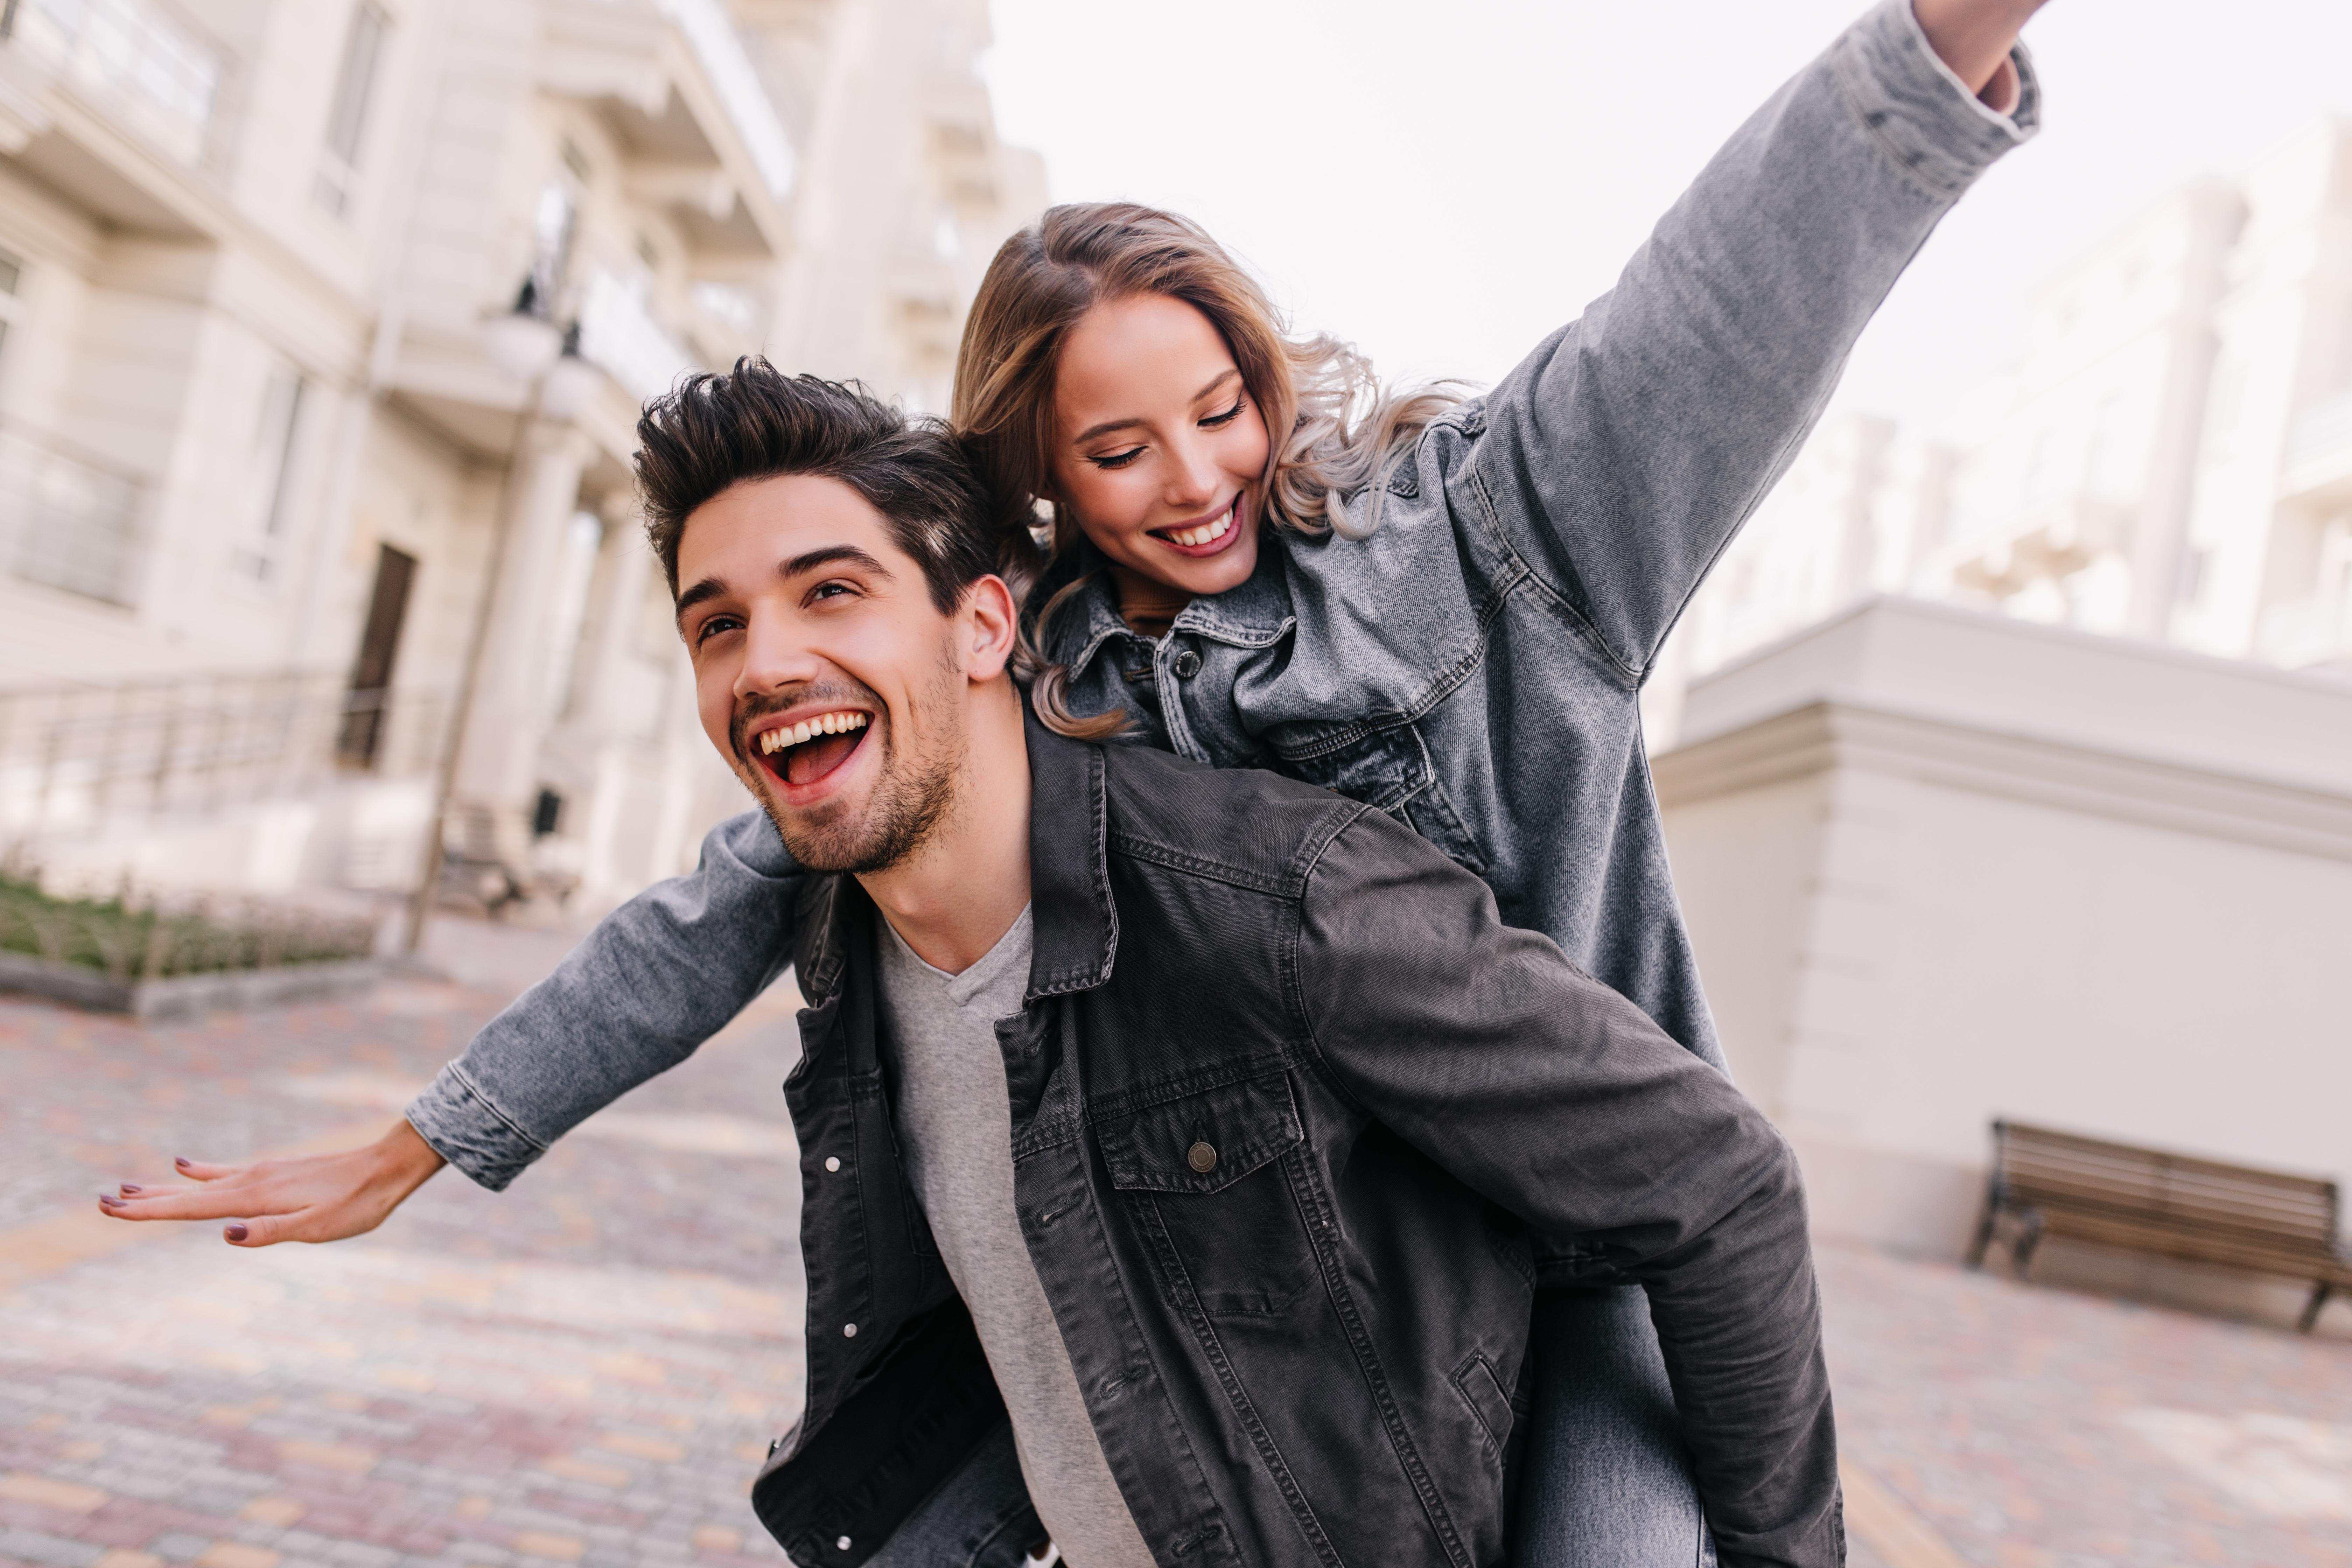 Mutlu çiftler: İlişkinizi nasıl sağlıklı bir şekilde devam ettirebilirsiniz?